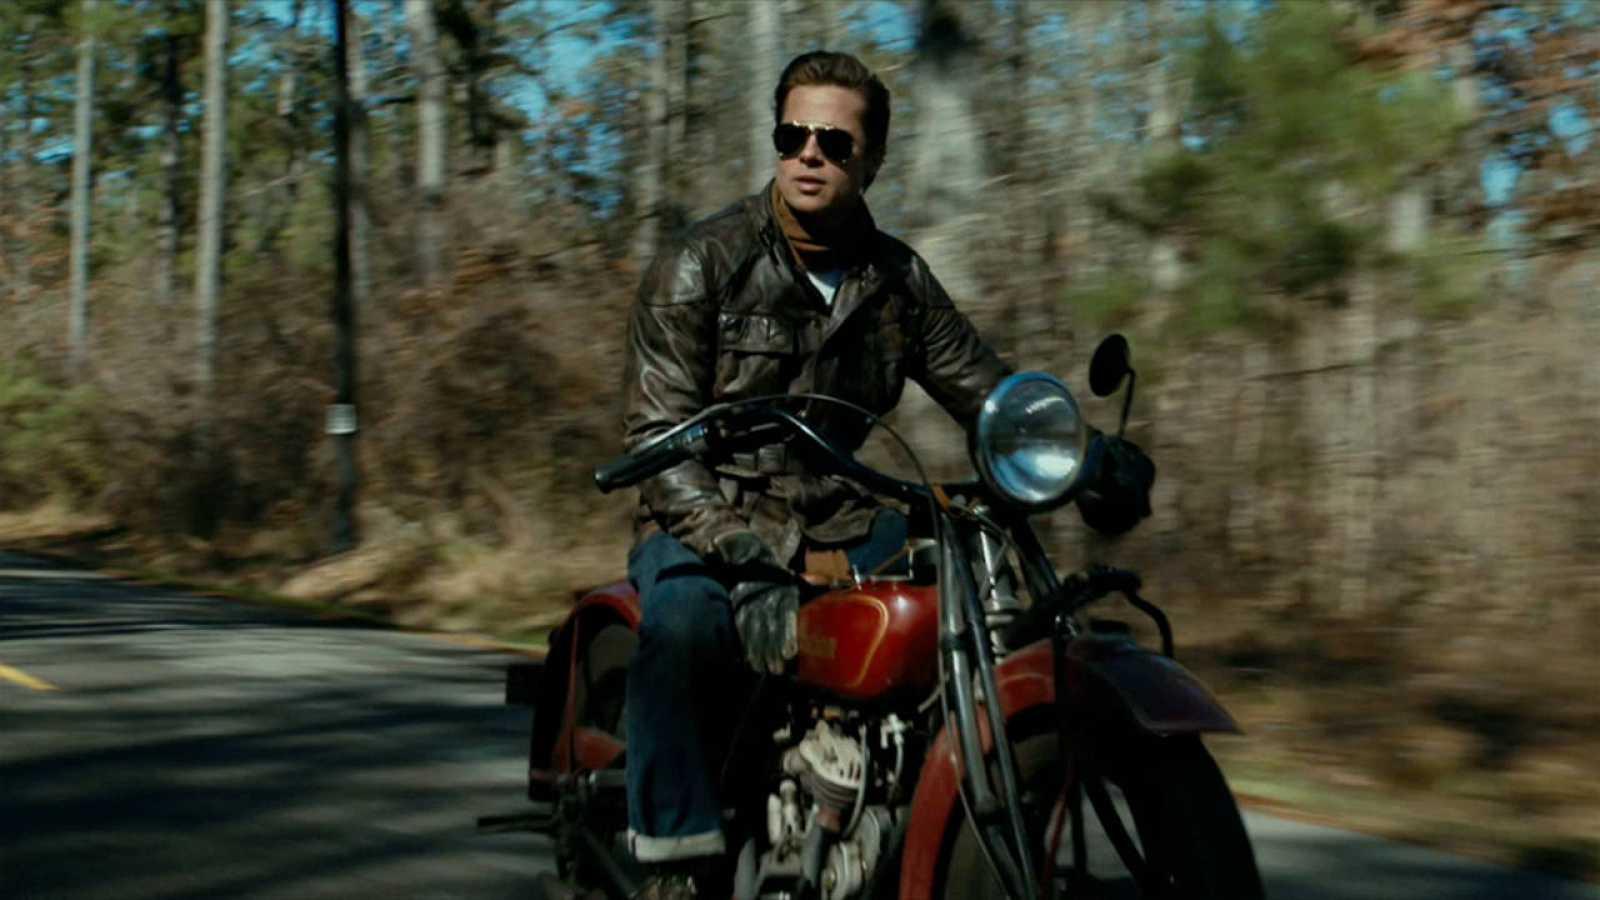 Fotograma de la película 'El curioso caso de Benjamin Button', protagonizada por Brad Pitt.